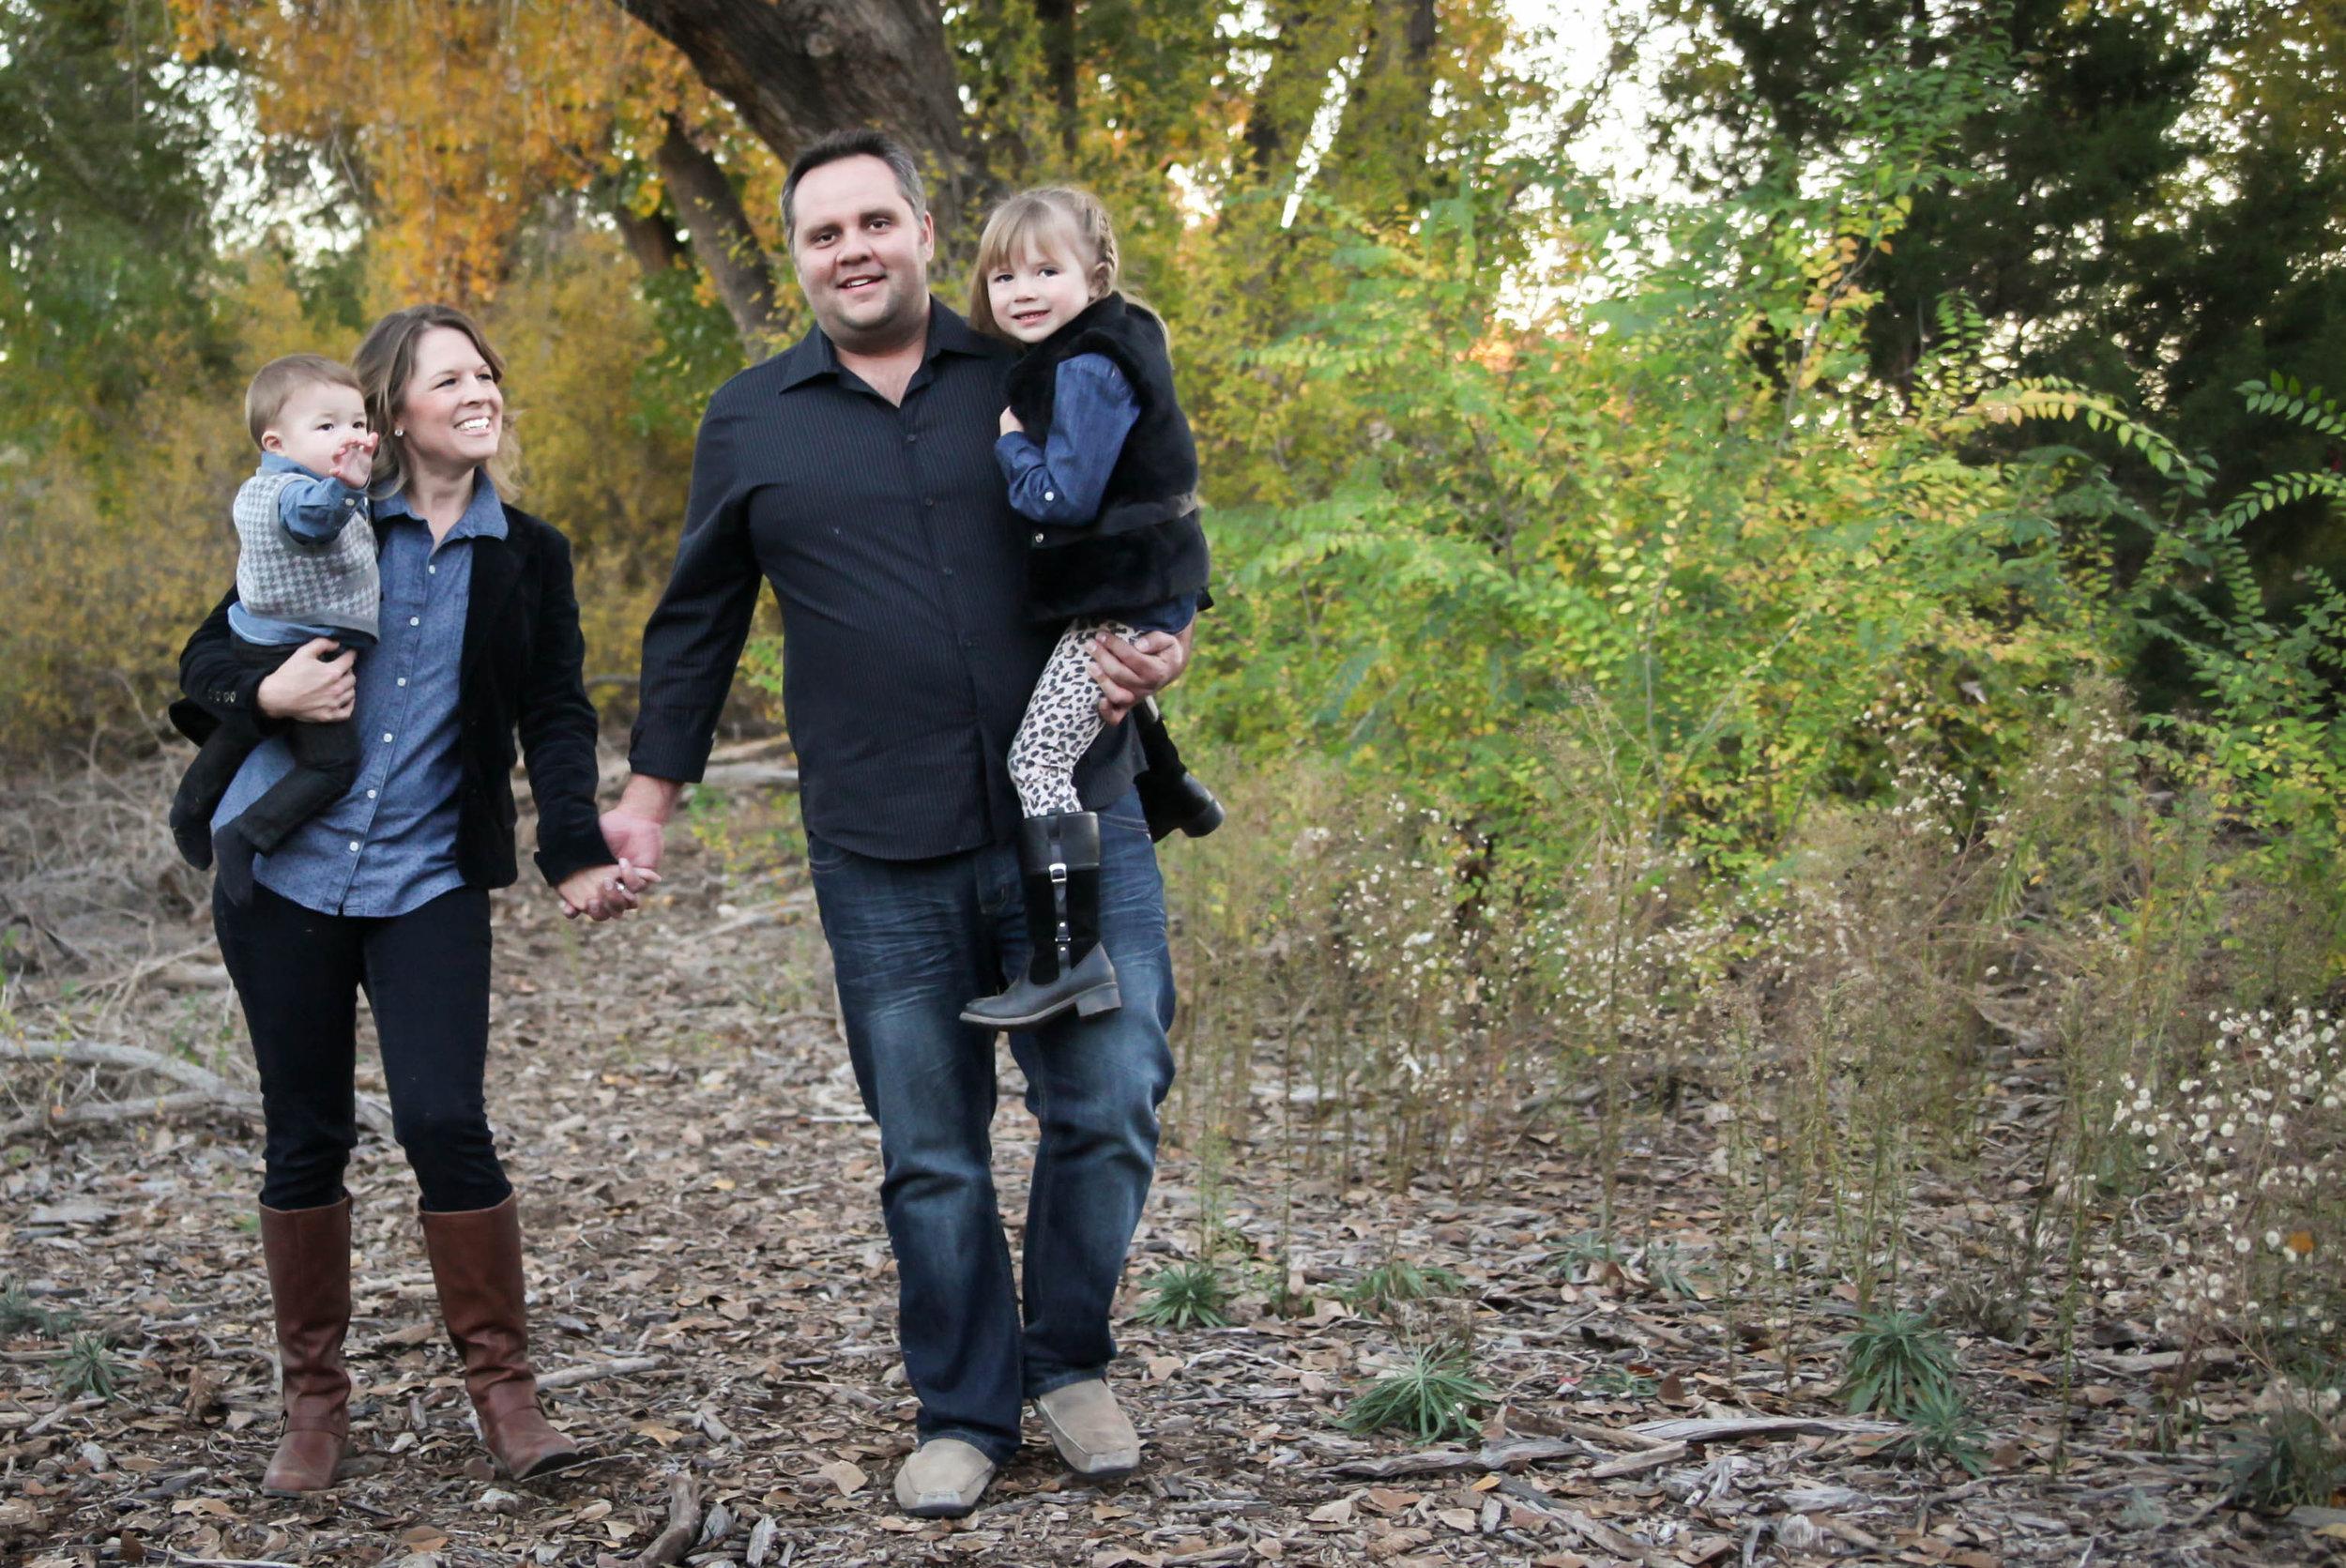 Kimberly Schaefer family-Untitled Export-0070.jpg